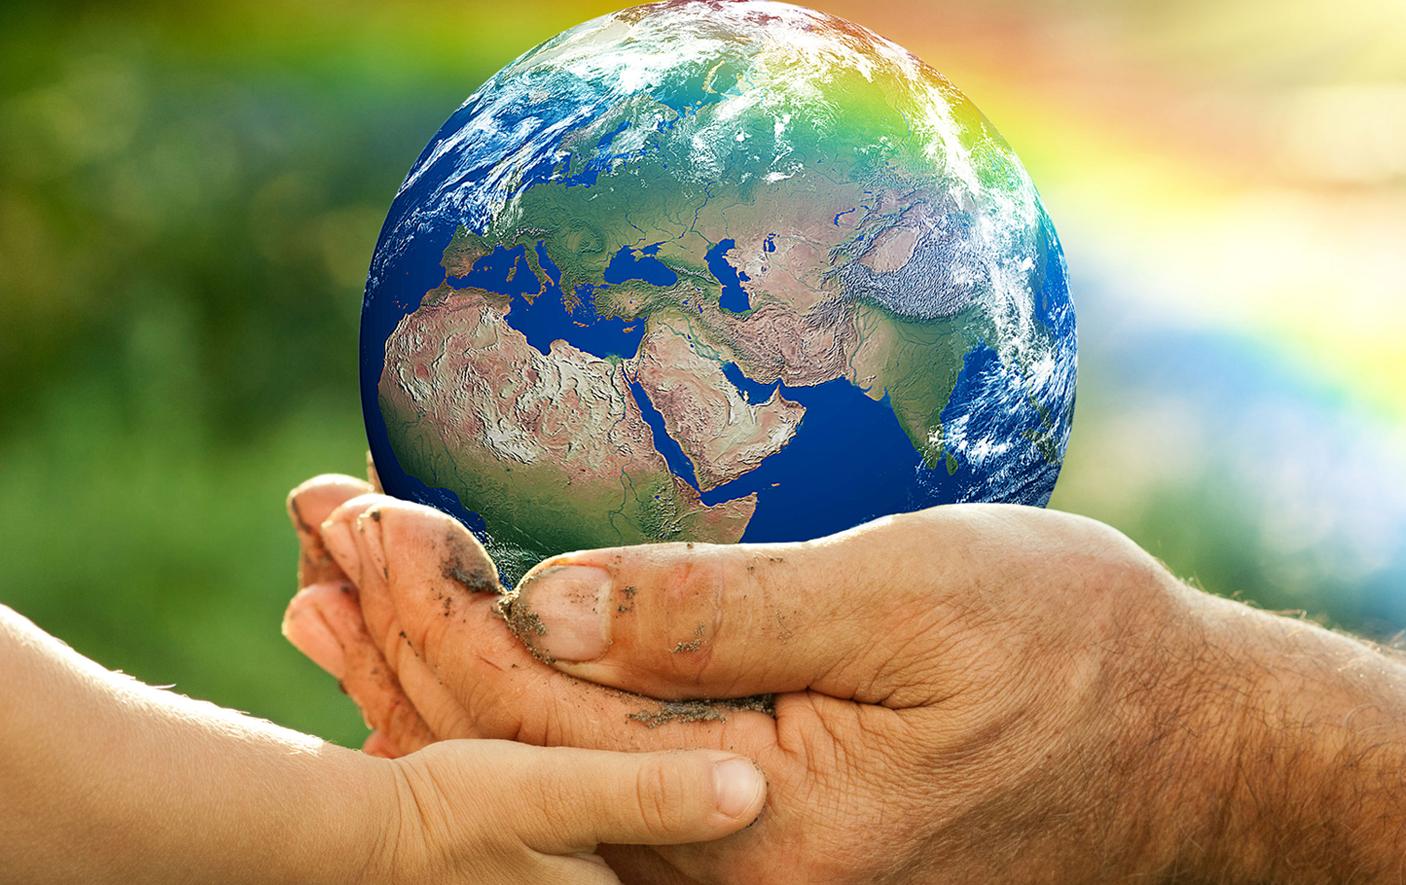 «Ветеранские вести» призвали ветеранов планеты поддержать международный проект #ВСЕММИР